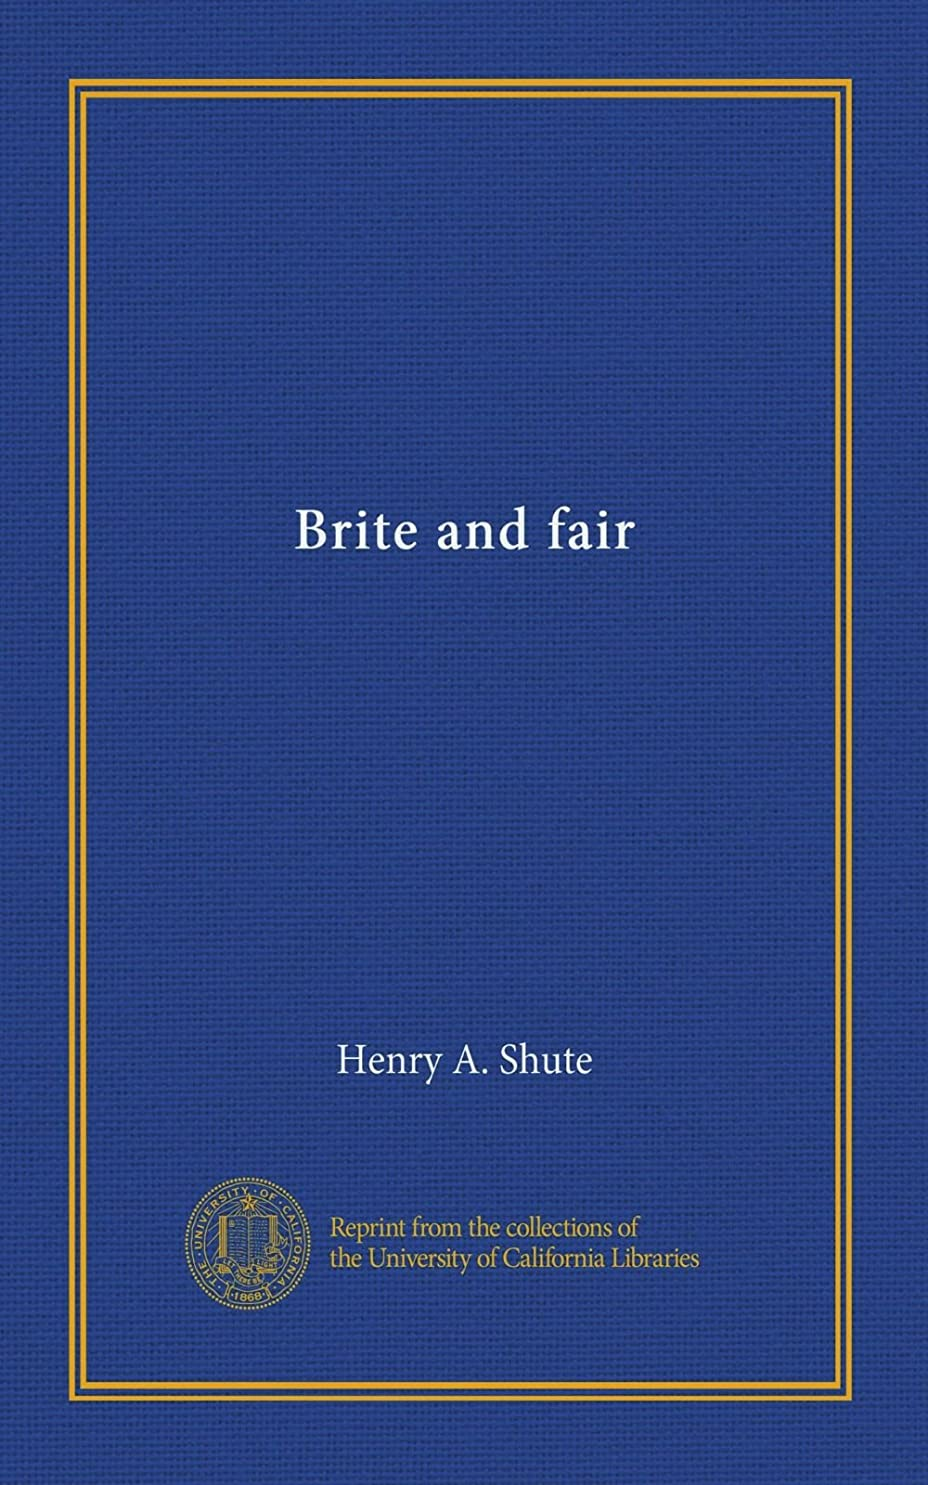 プライバシー小説セメントBrite and fair